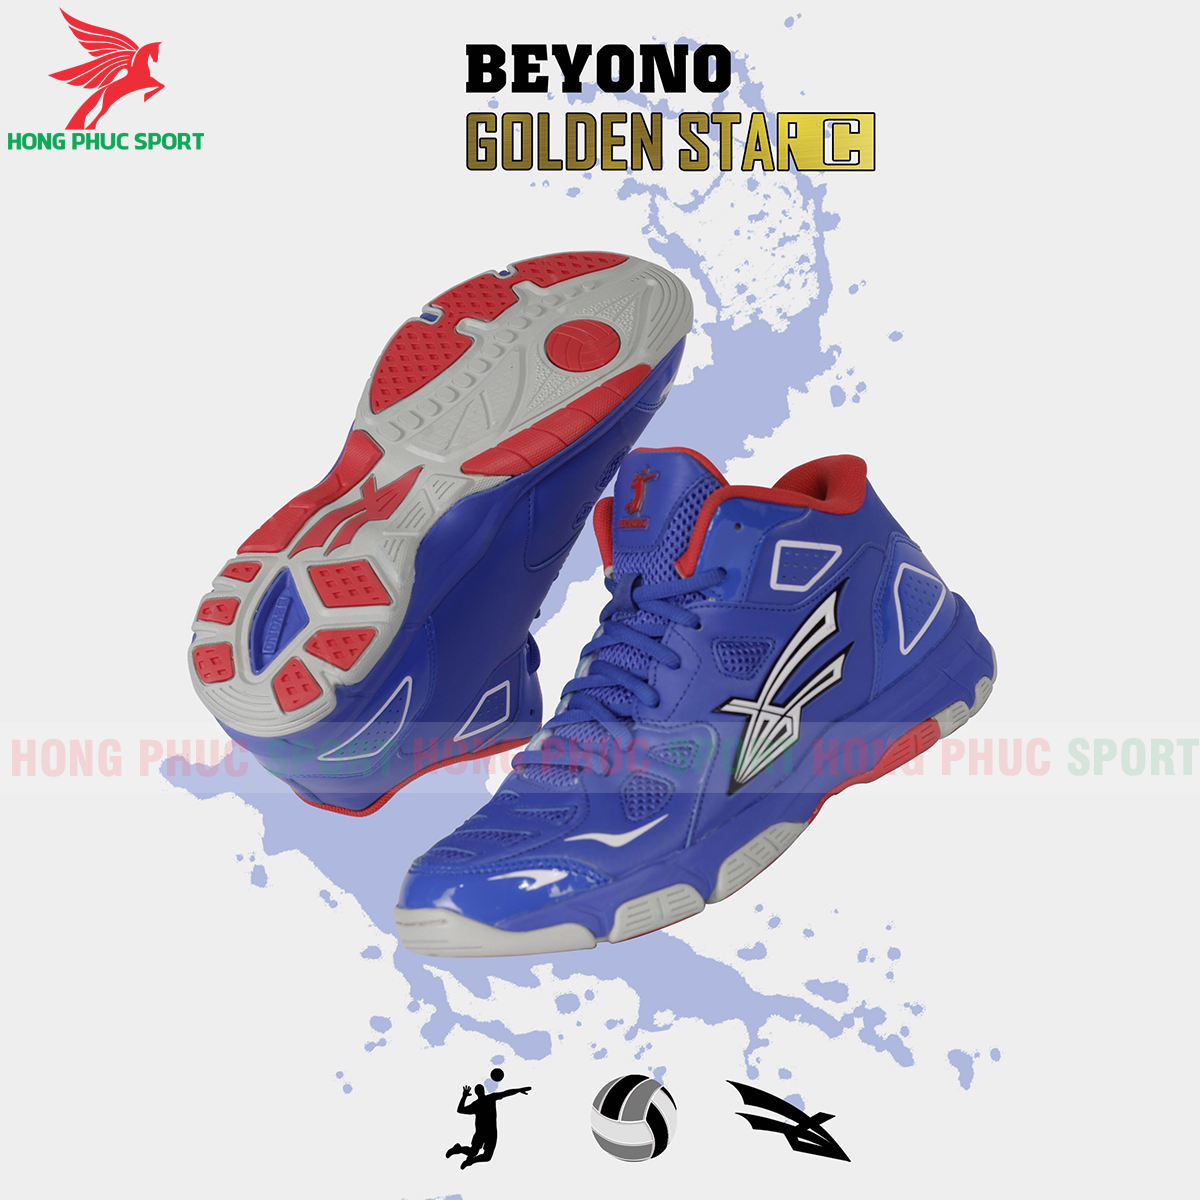 https://cdn.hongphucsport.com/unsafe/s4.shopbay.vn/files/285/giay-bong-chuyen-beyono-golden-star-c-mau-xanh-duong-3-5f817cceb64f2.png